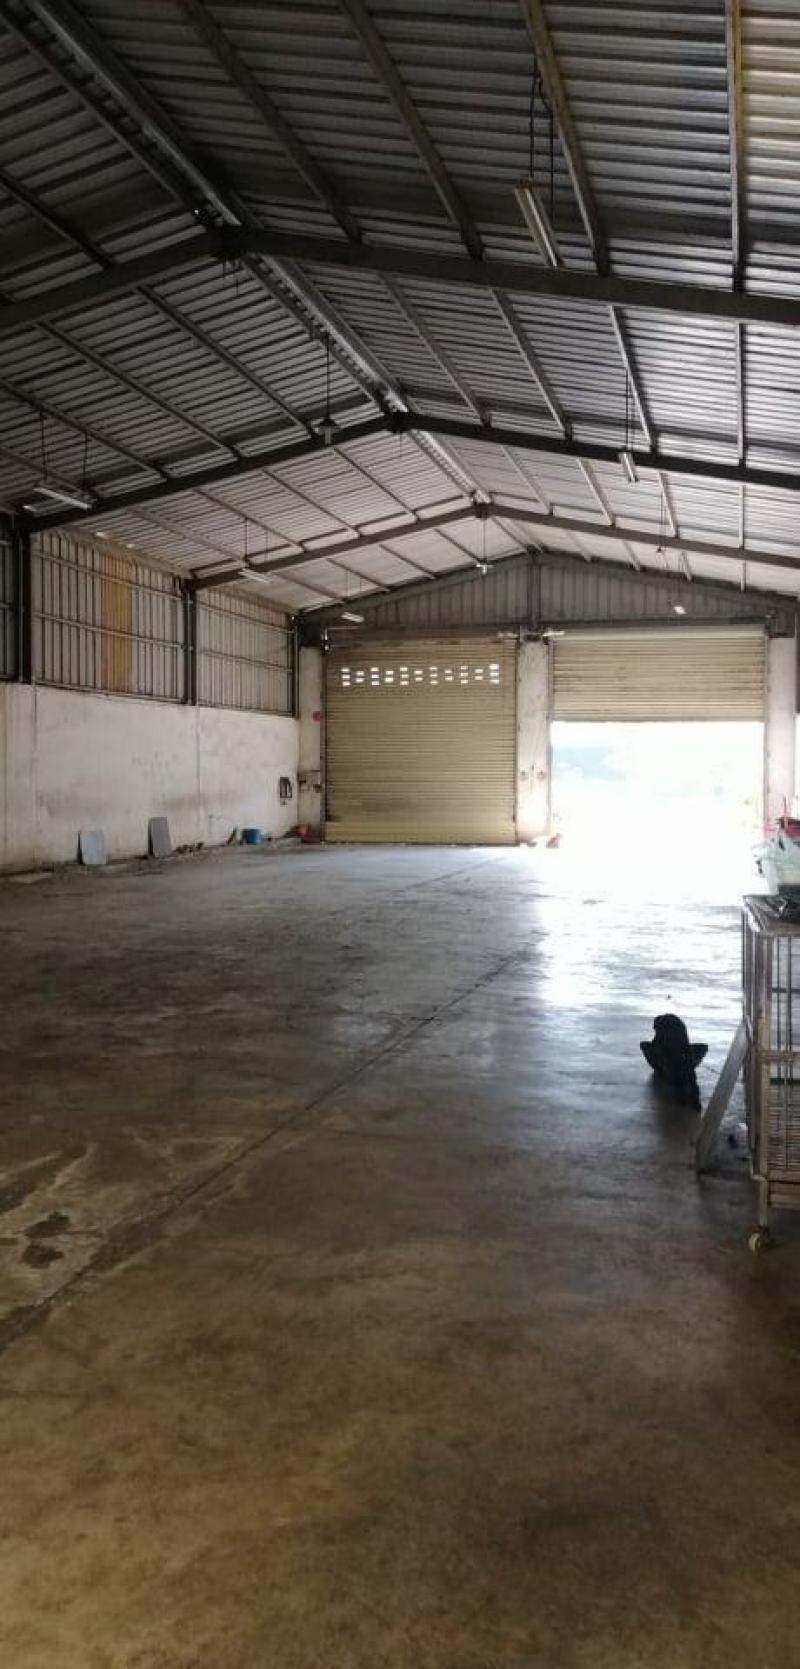 Cho thuê kho xưởng 17m x 45m, giá 60 triệu/tháng, mặt tiền đường Võ Văn Vân, huyện Bình Chánh.